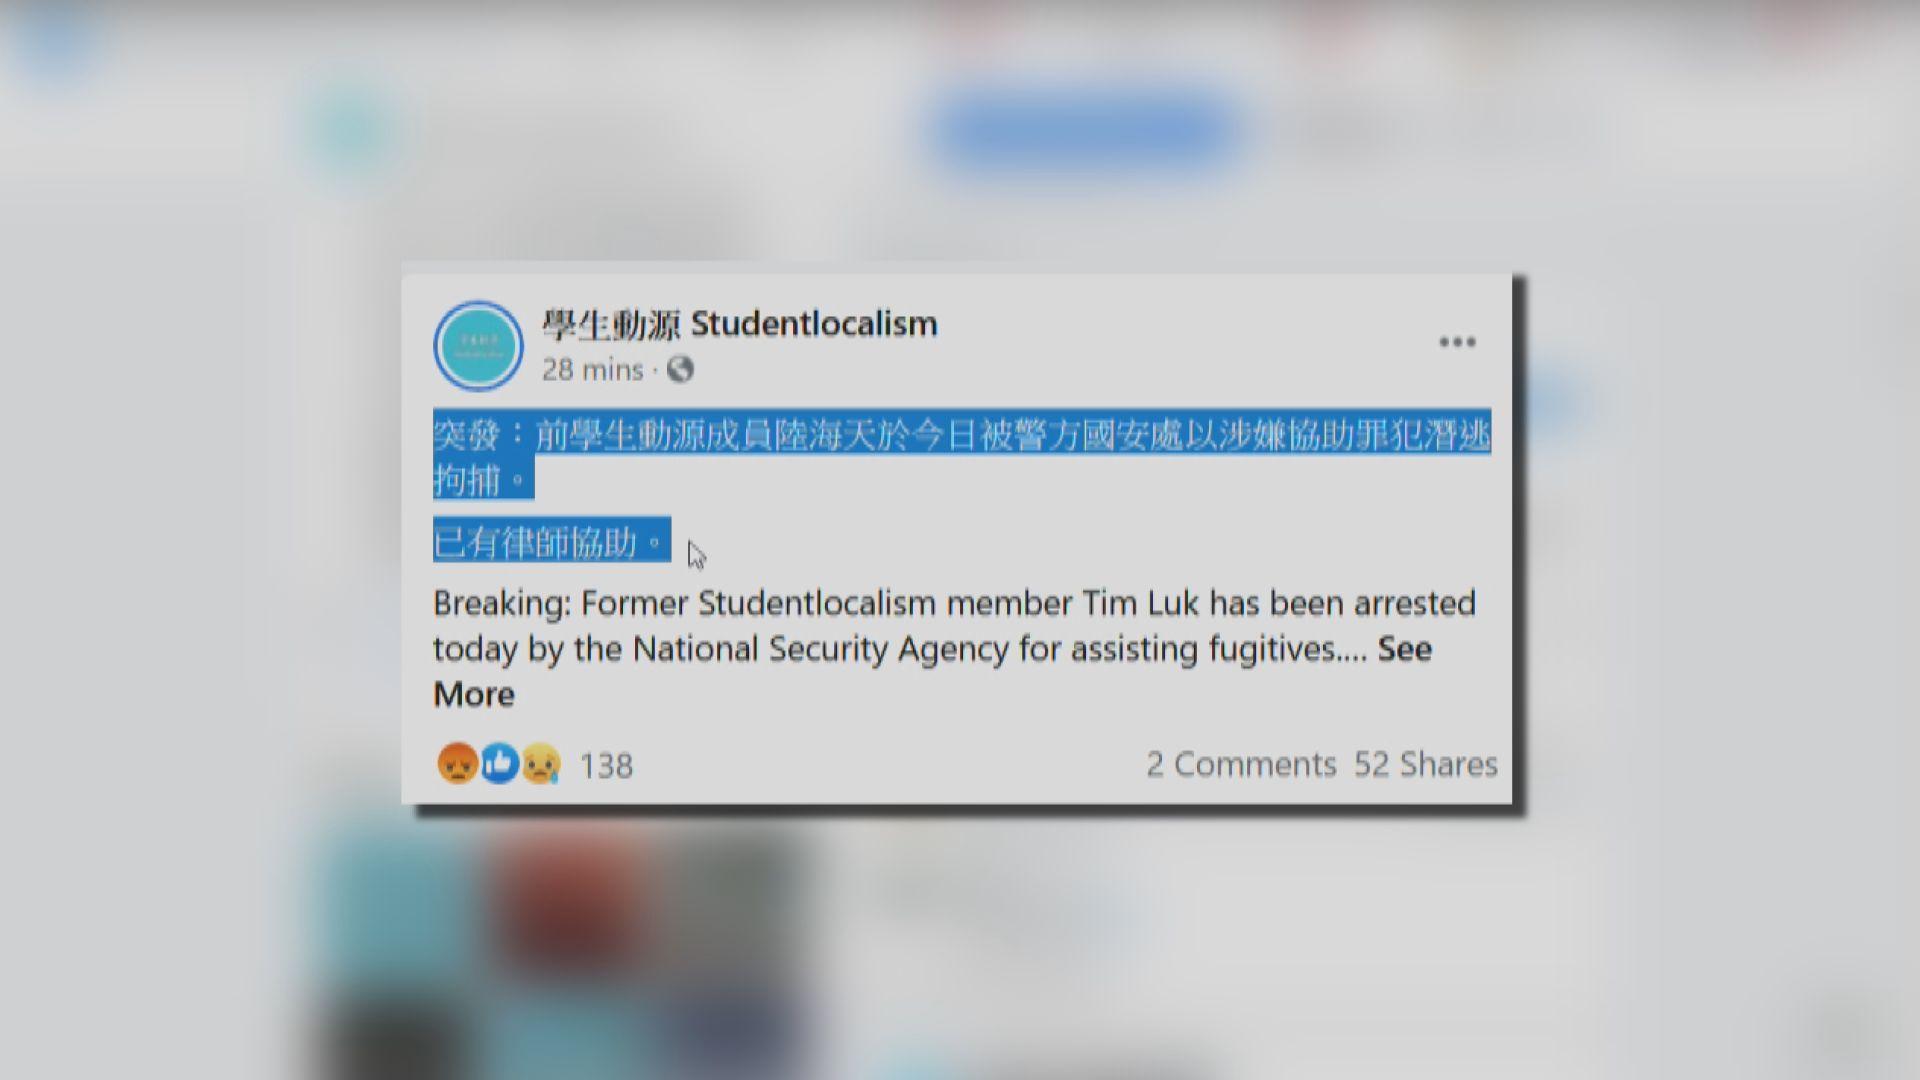 消息:警方國安處拘捕一人涉嫌協助鍾翰林潛逃